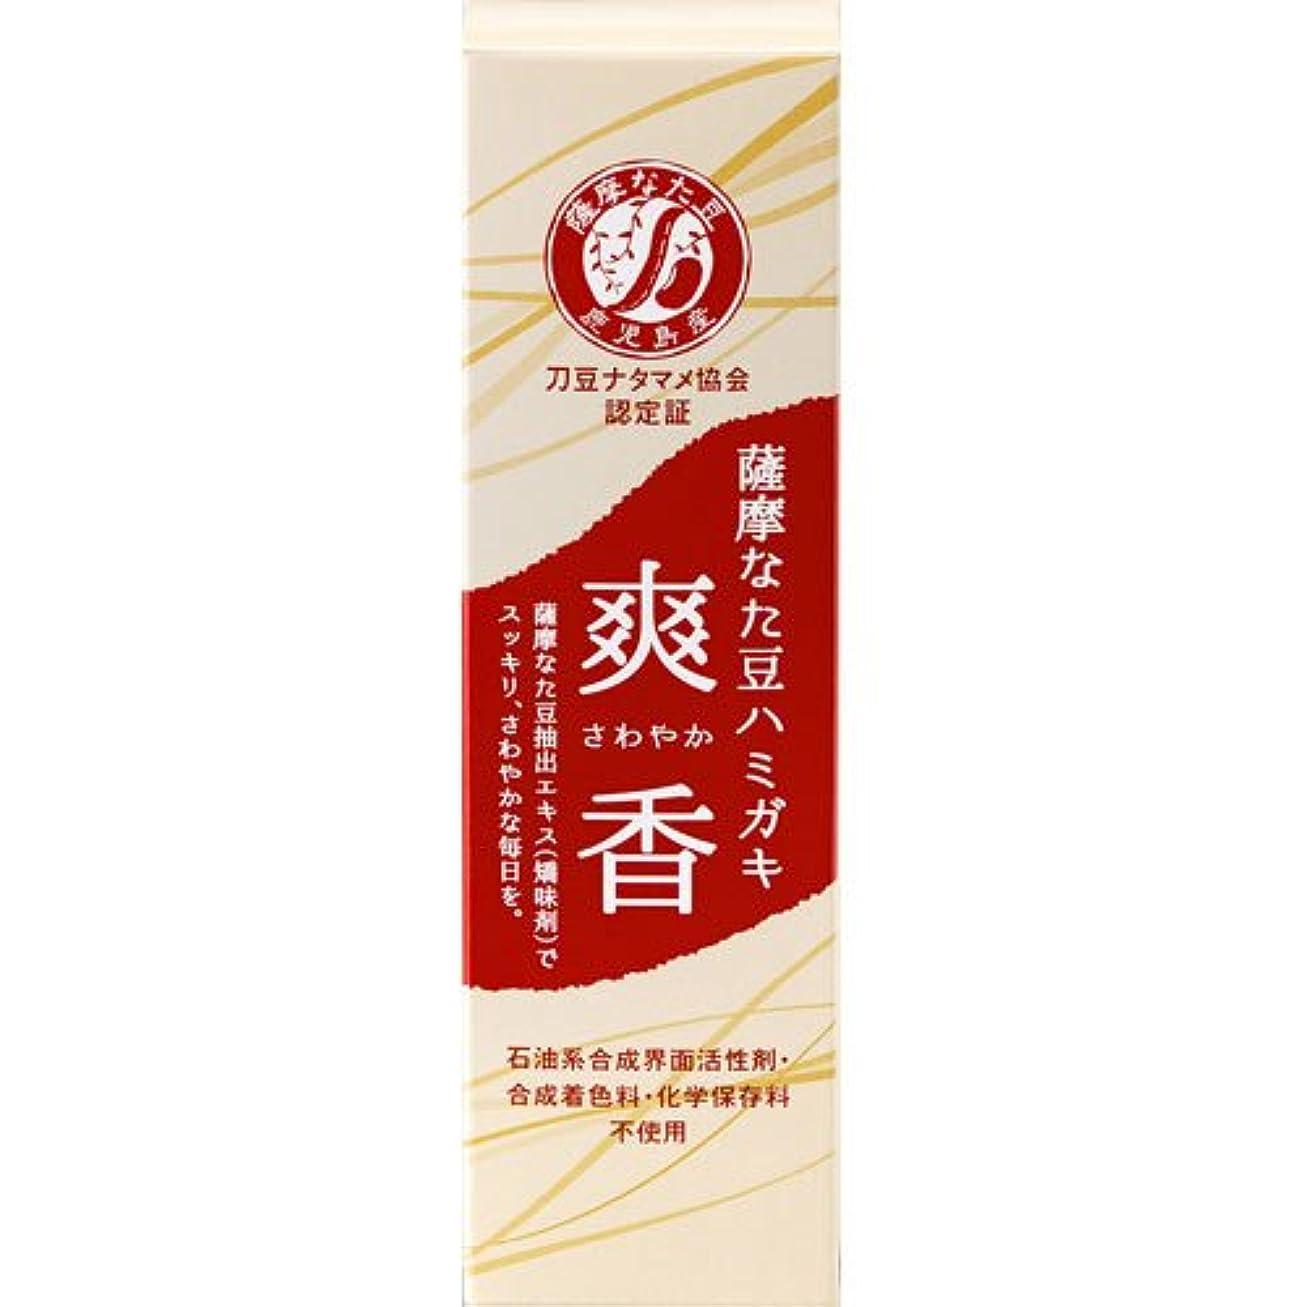 敬意チョコレートホイットニー薩摩なた豆歯磨き 爽香(さわやか) 125g